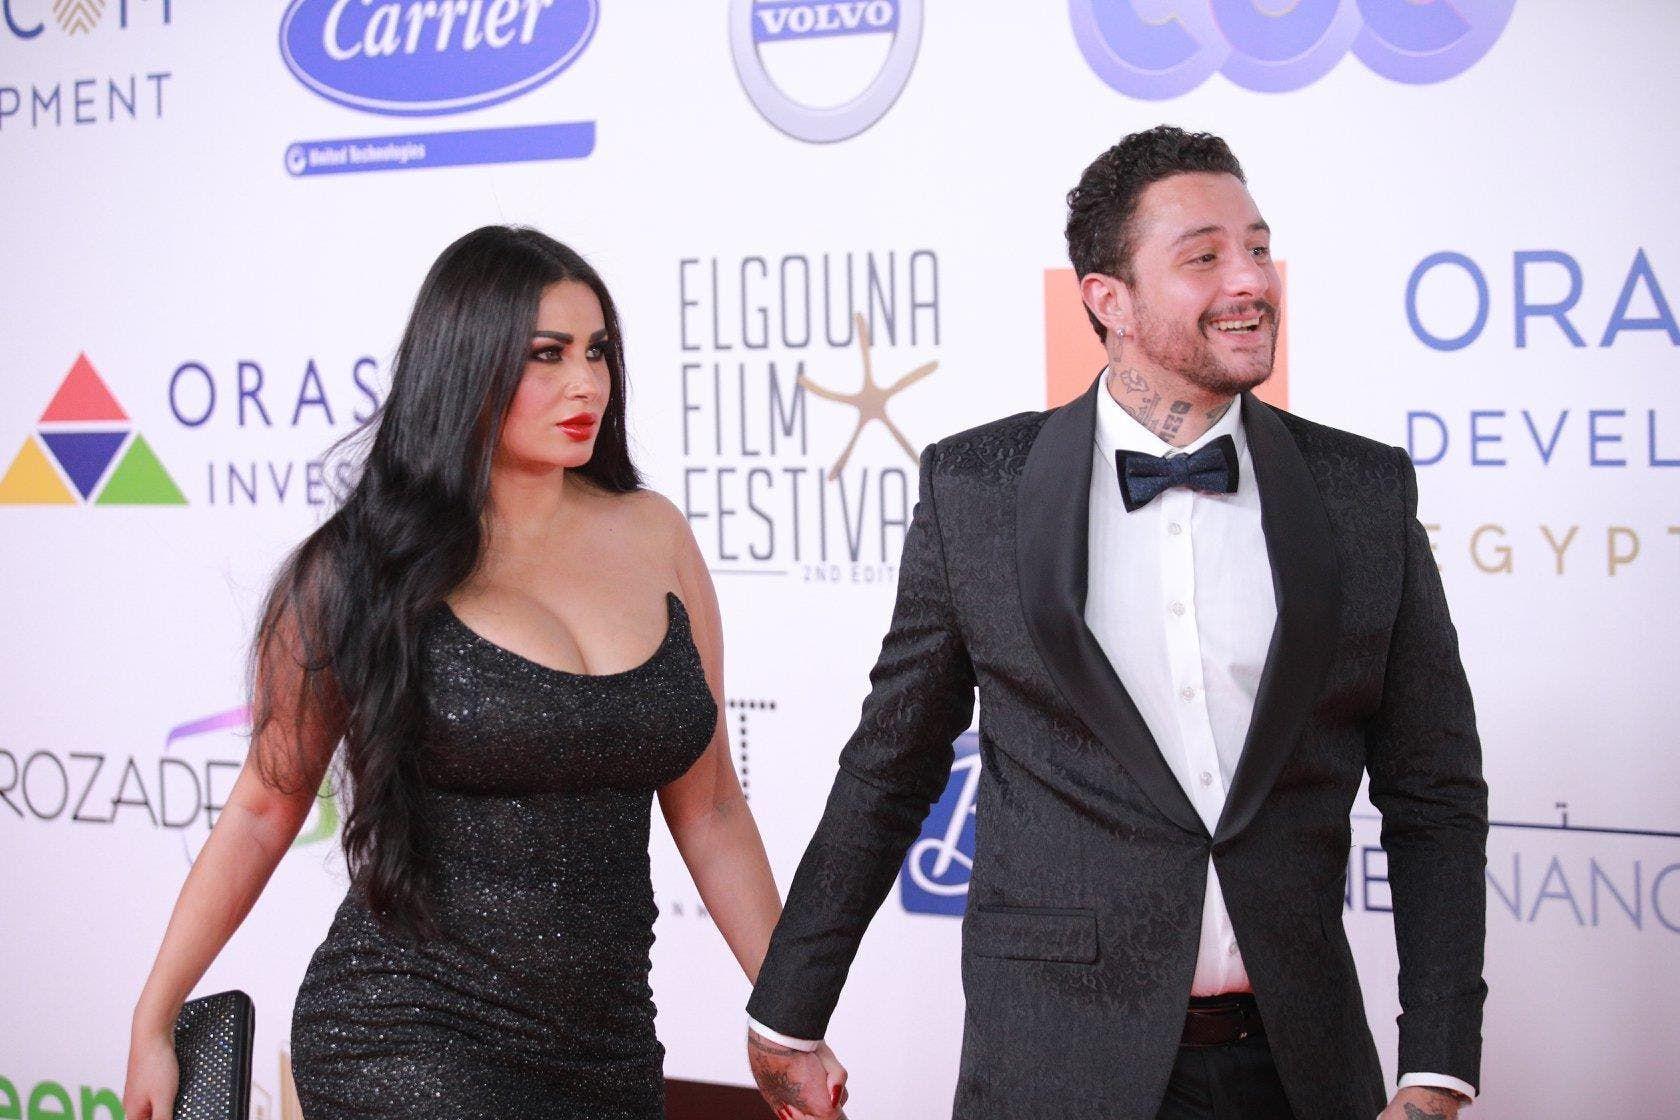 انتقادات لاذعة لأحمد الفيشاوي بعد ظهوره برفقة زوجته وهي بالبكيني في حمام السباحة فيديو Film Volvo Festival